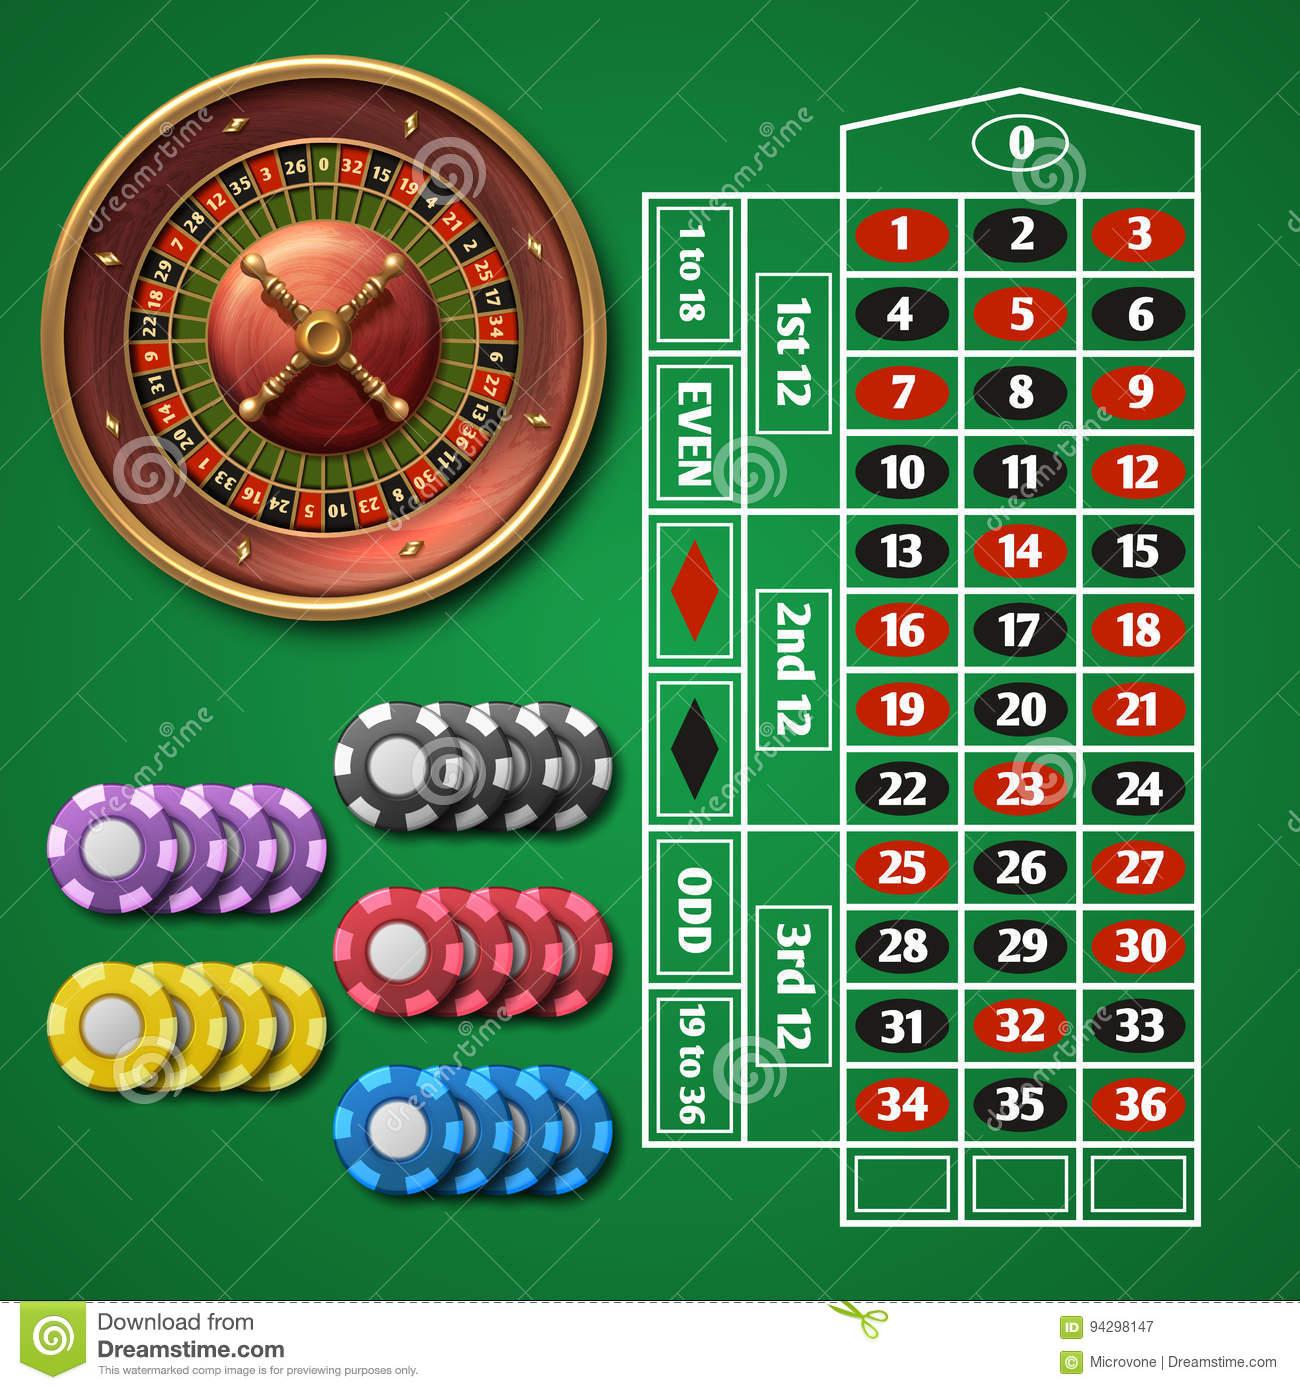 Какие онлайн казино дают стартовый капитал